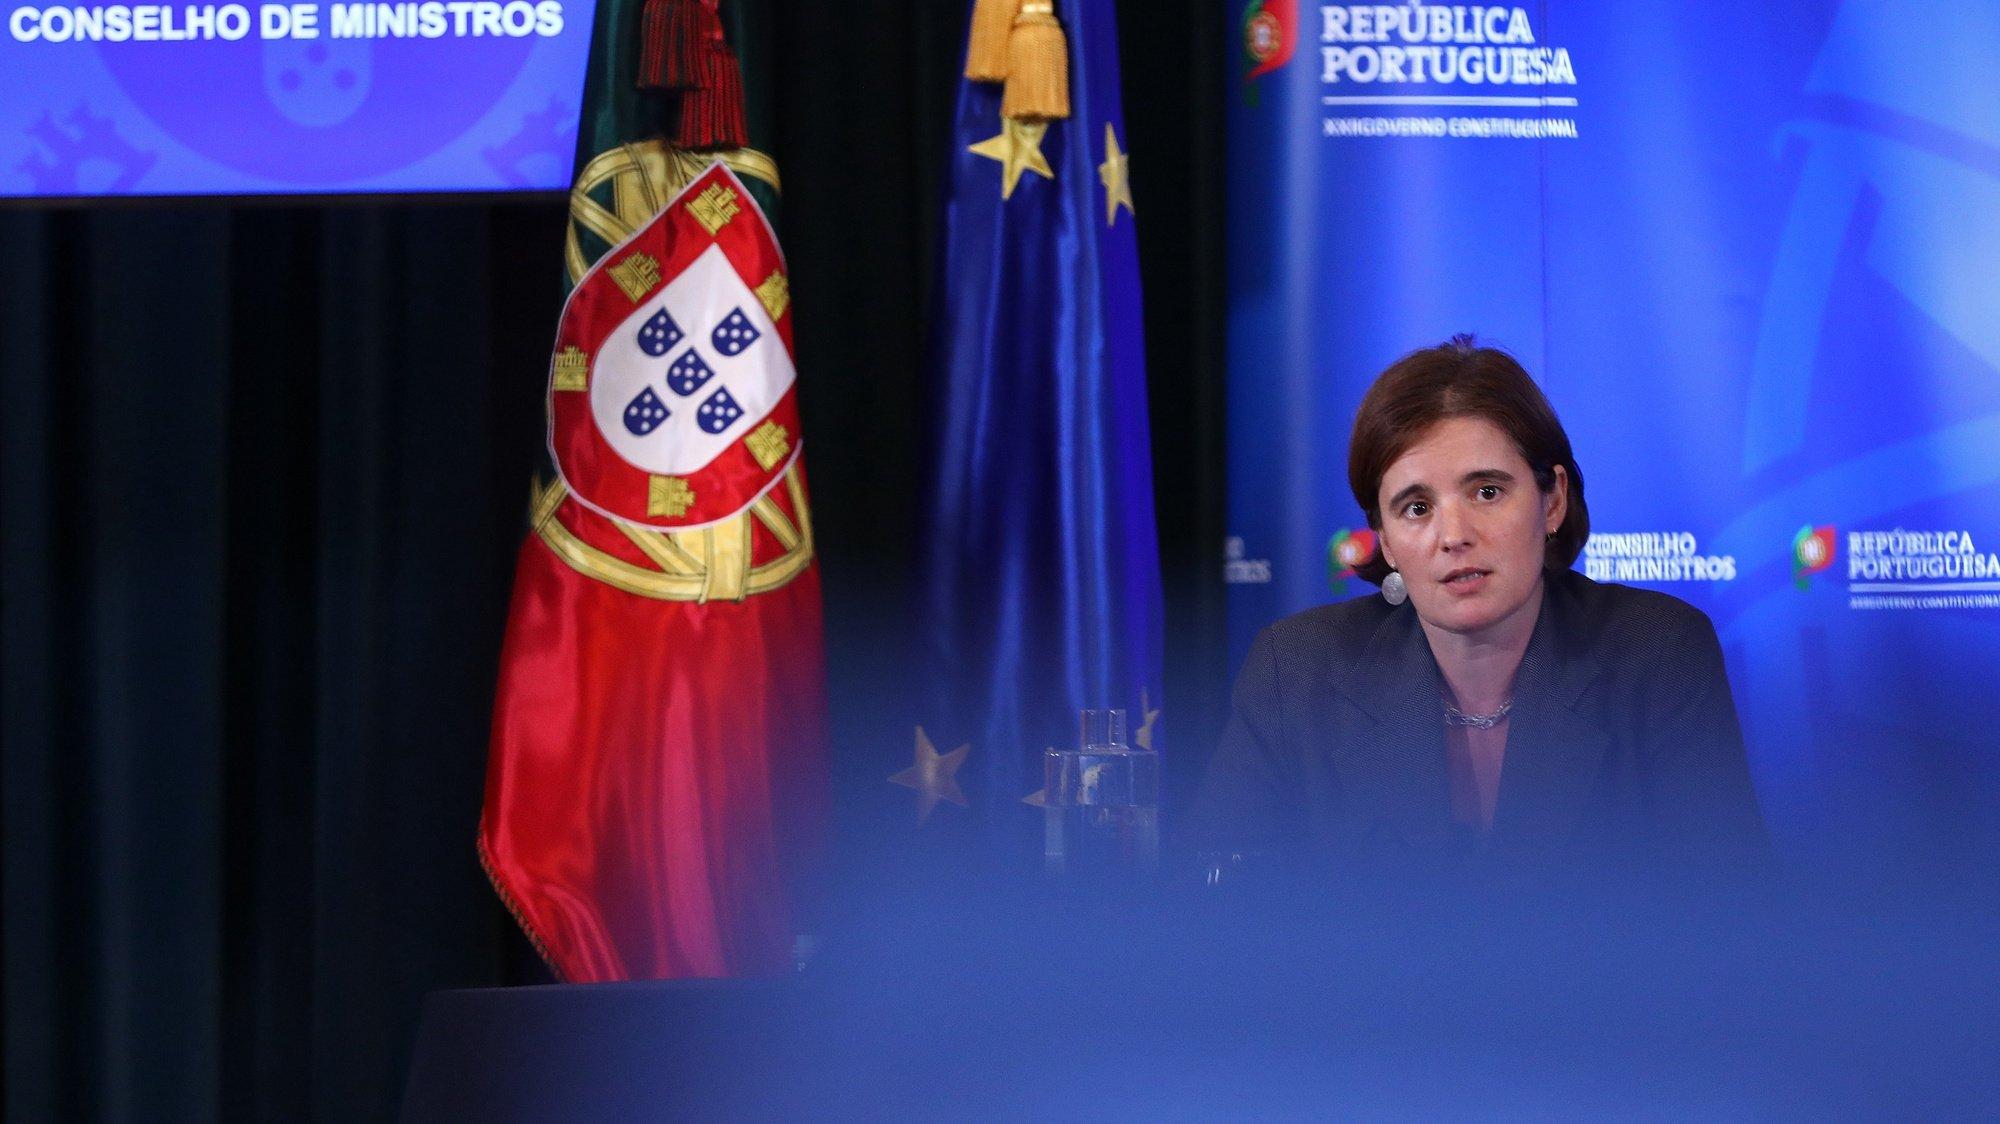 A ministra da Presidência do Conselho de Ministros, Mariana Vieira da Silva, intervém durante a conferência de imprensa sobre a reunião do Conselho de Ministros, no Palácio de Ajuda, em Lisboa, 08 de outubro de 2020. O Conselho de Ministros deve aprovar o Orçamento do Estado para 2021, que incluirá a primeira fase da execução dos investimentos previstos no Plano de Recuperação e Resiliência e no Portugal 2030. ANTÓNIO PEDRO SANTOS/LUSA